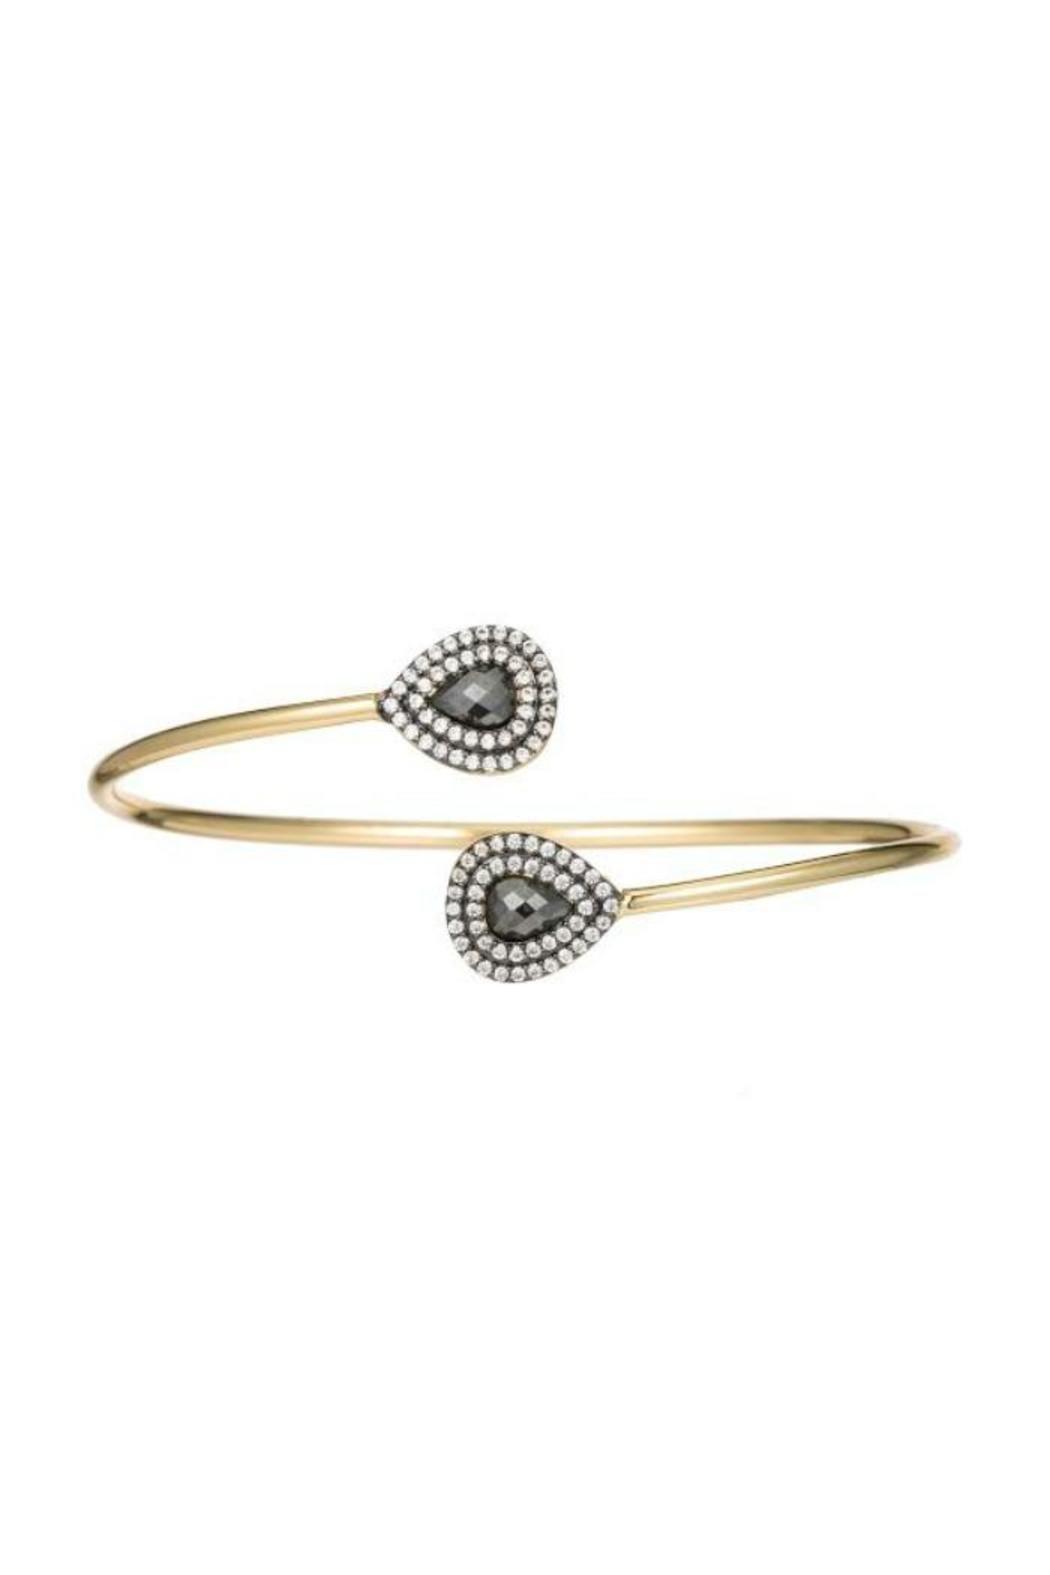 Pyrite bangle bracelet k gold bangle and bracelets